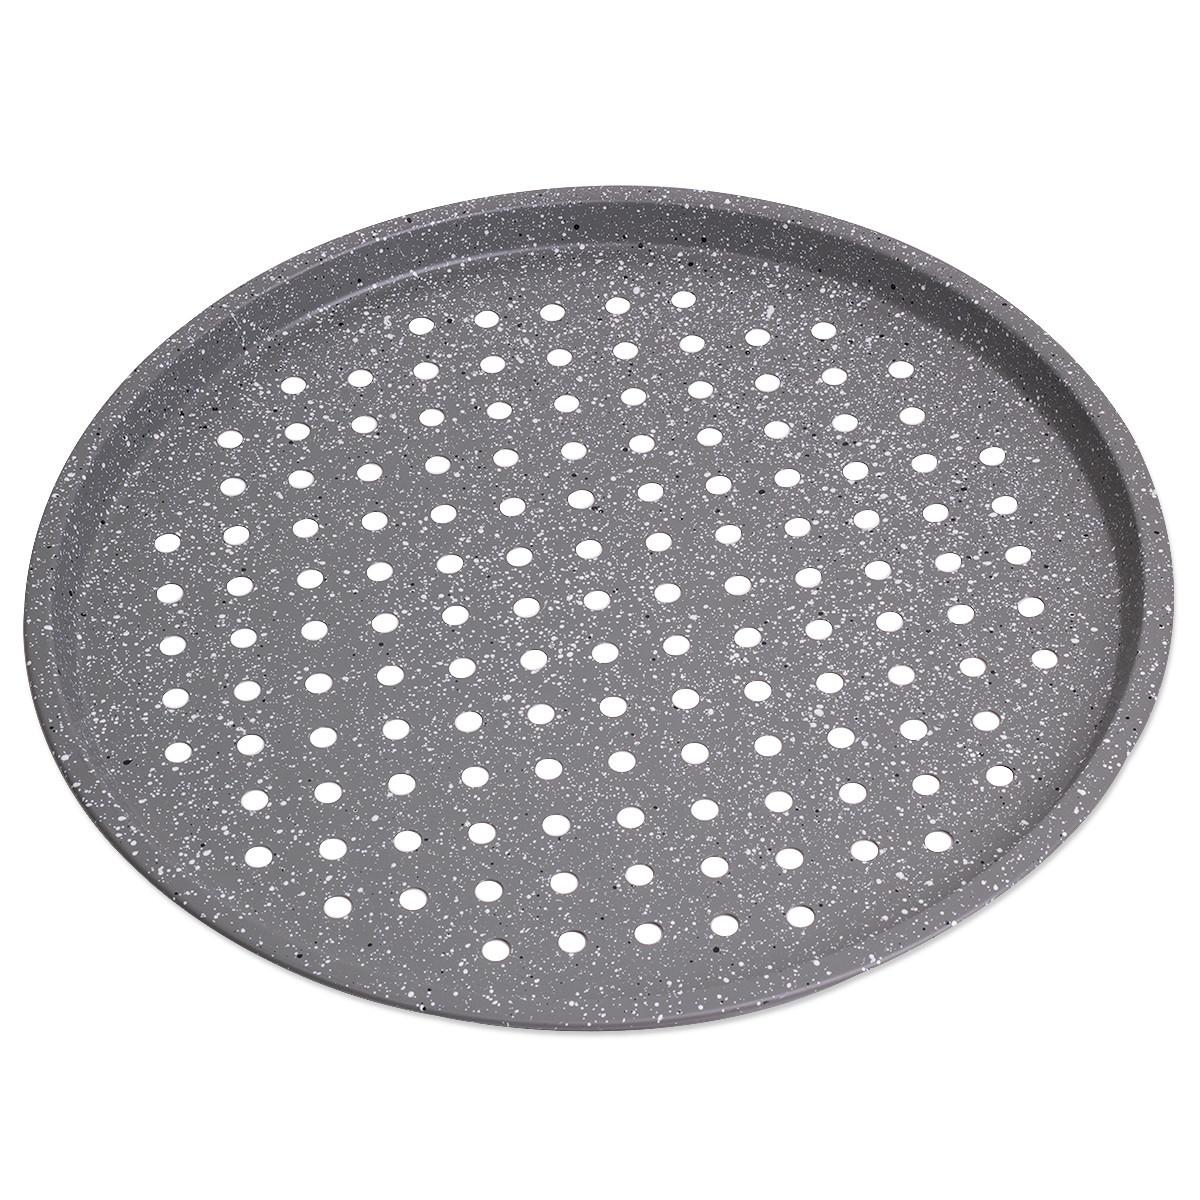 Форма для запекания пиццы Ø33см  из углеродистой стали